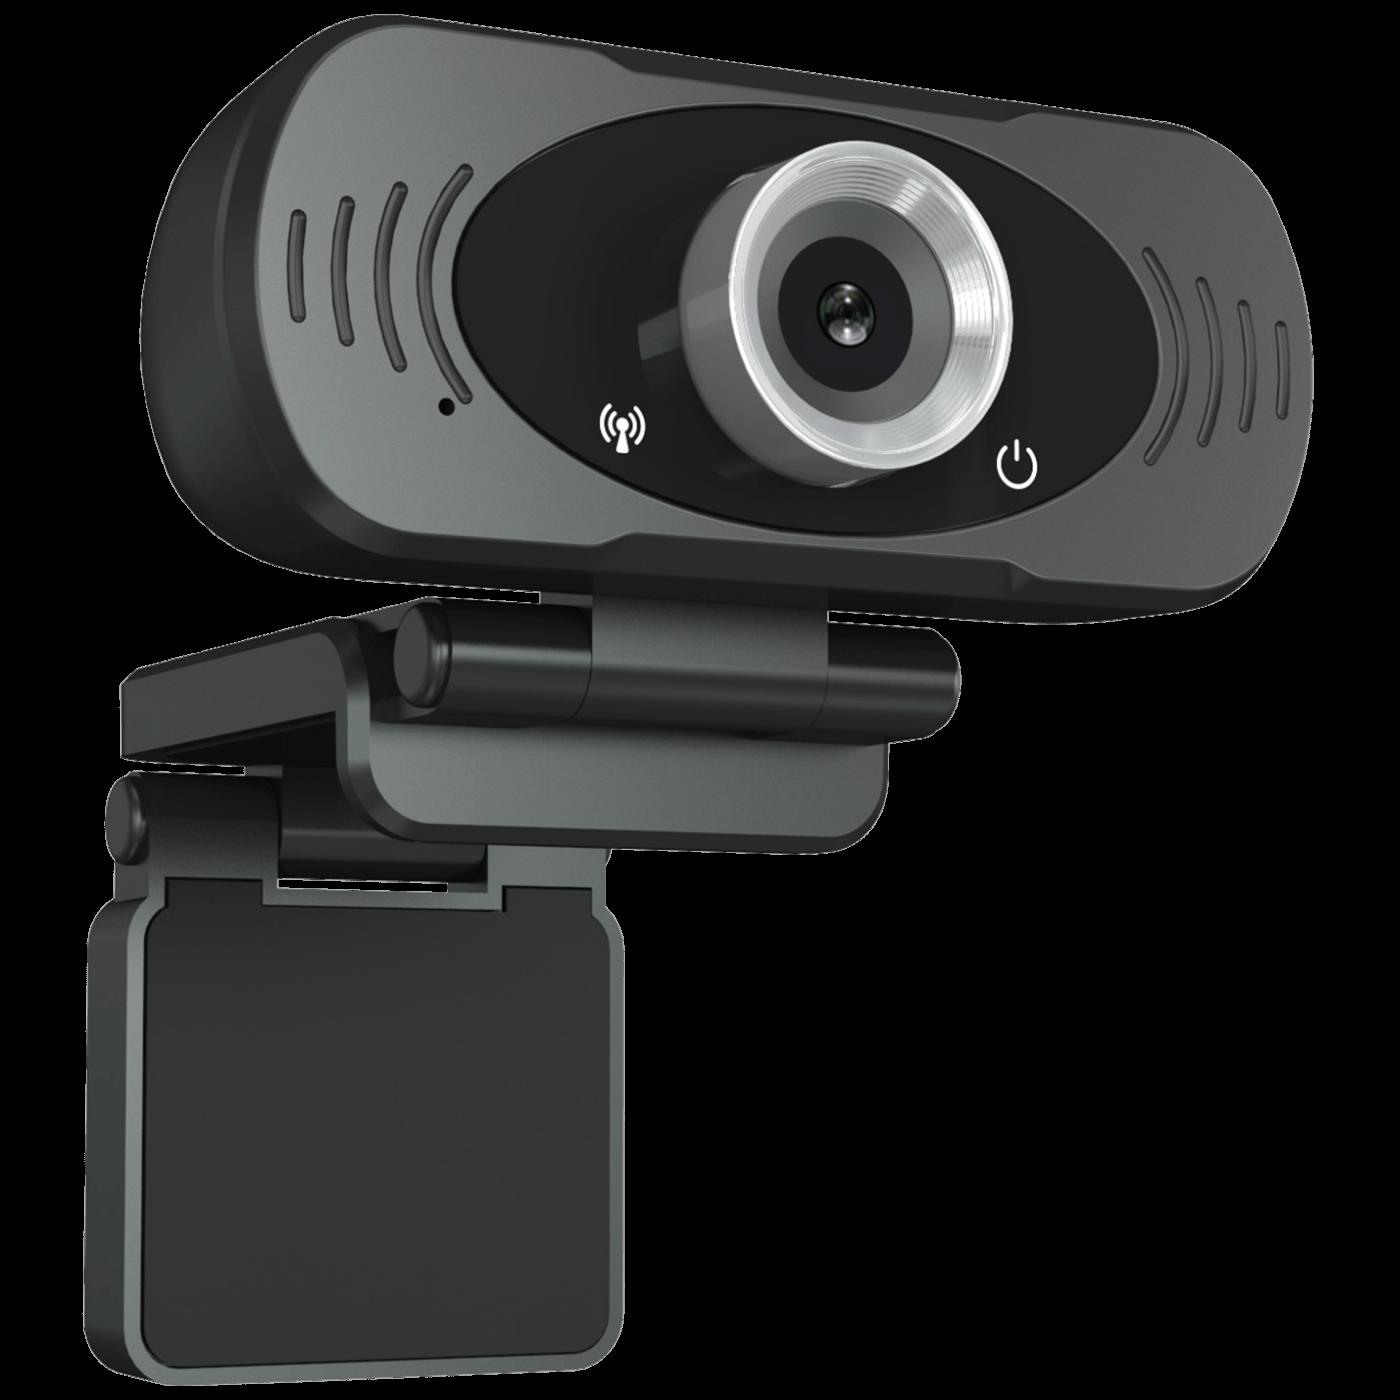 Web kamera, 2 Mpixel, 1080p, USB